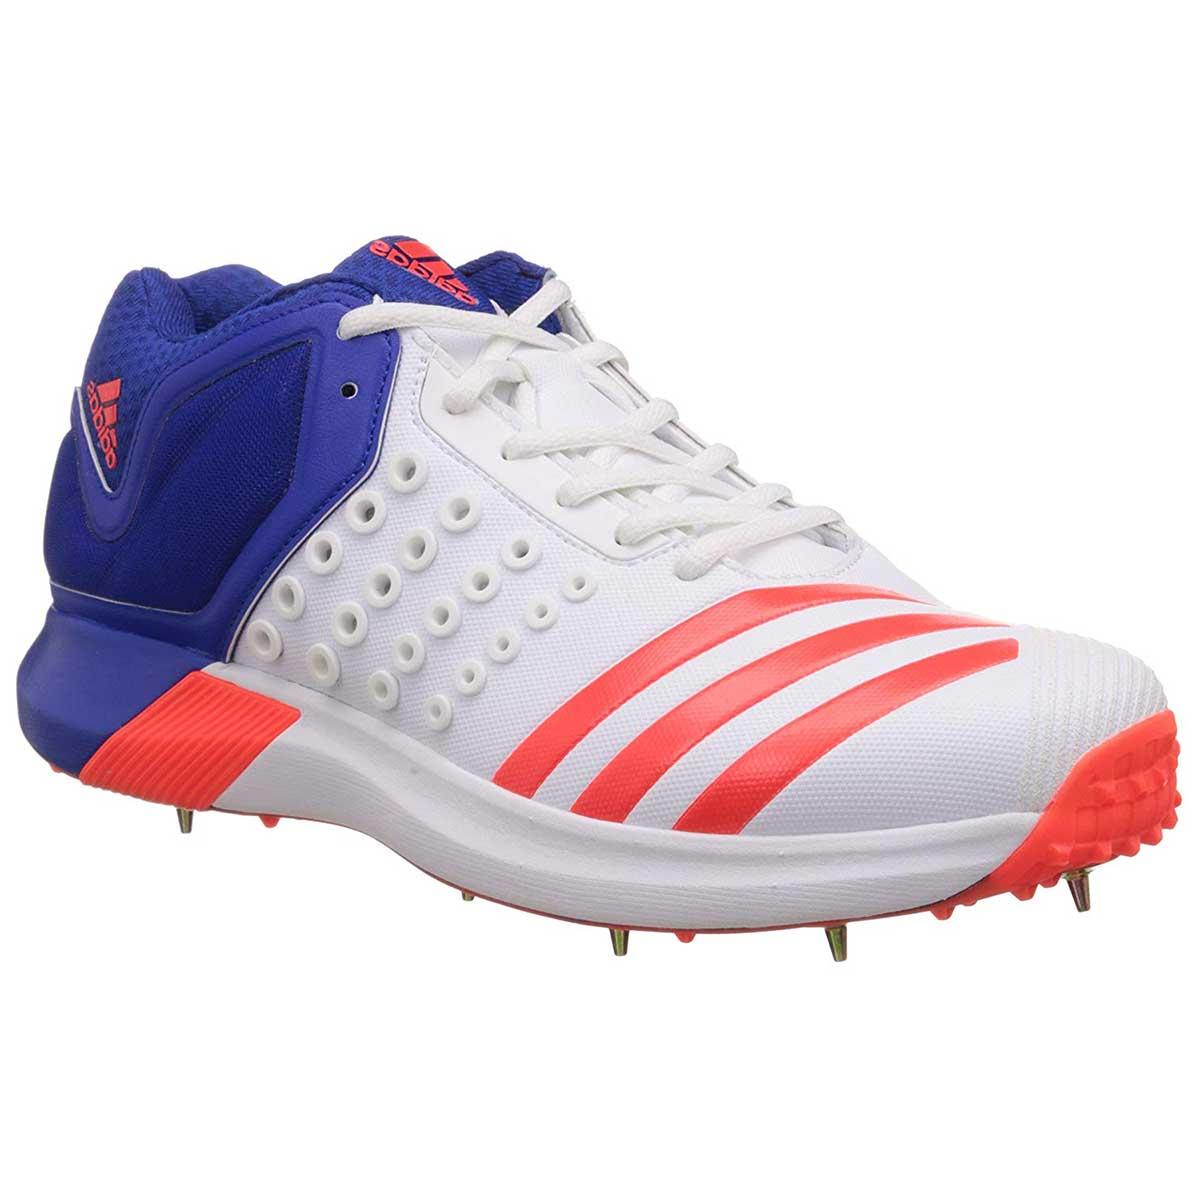 Adidas AdiPower Vector Cricket Shoes (WhiteSolredBlue)